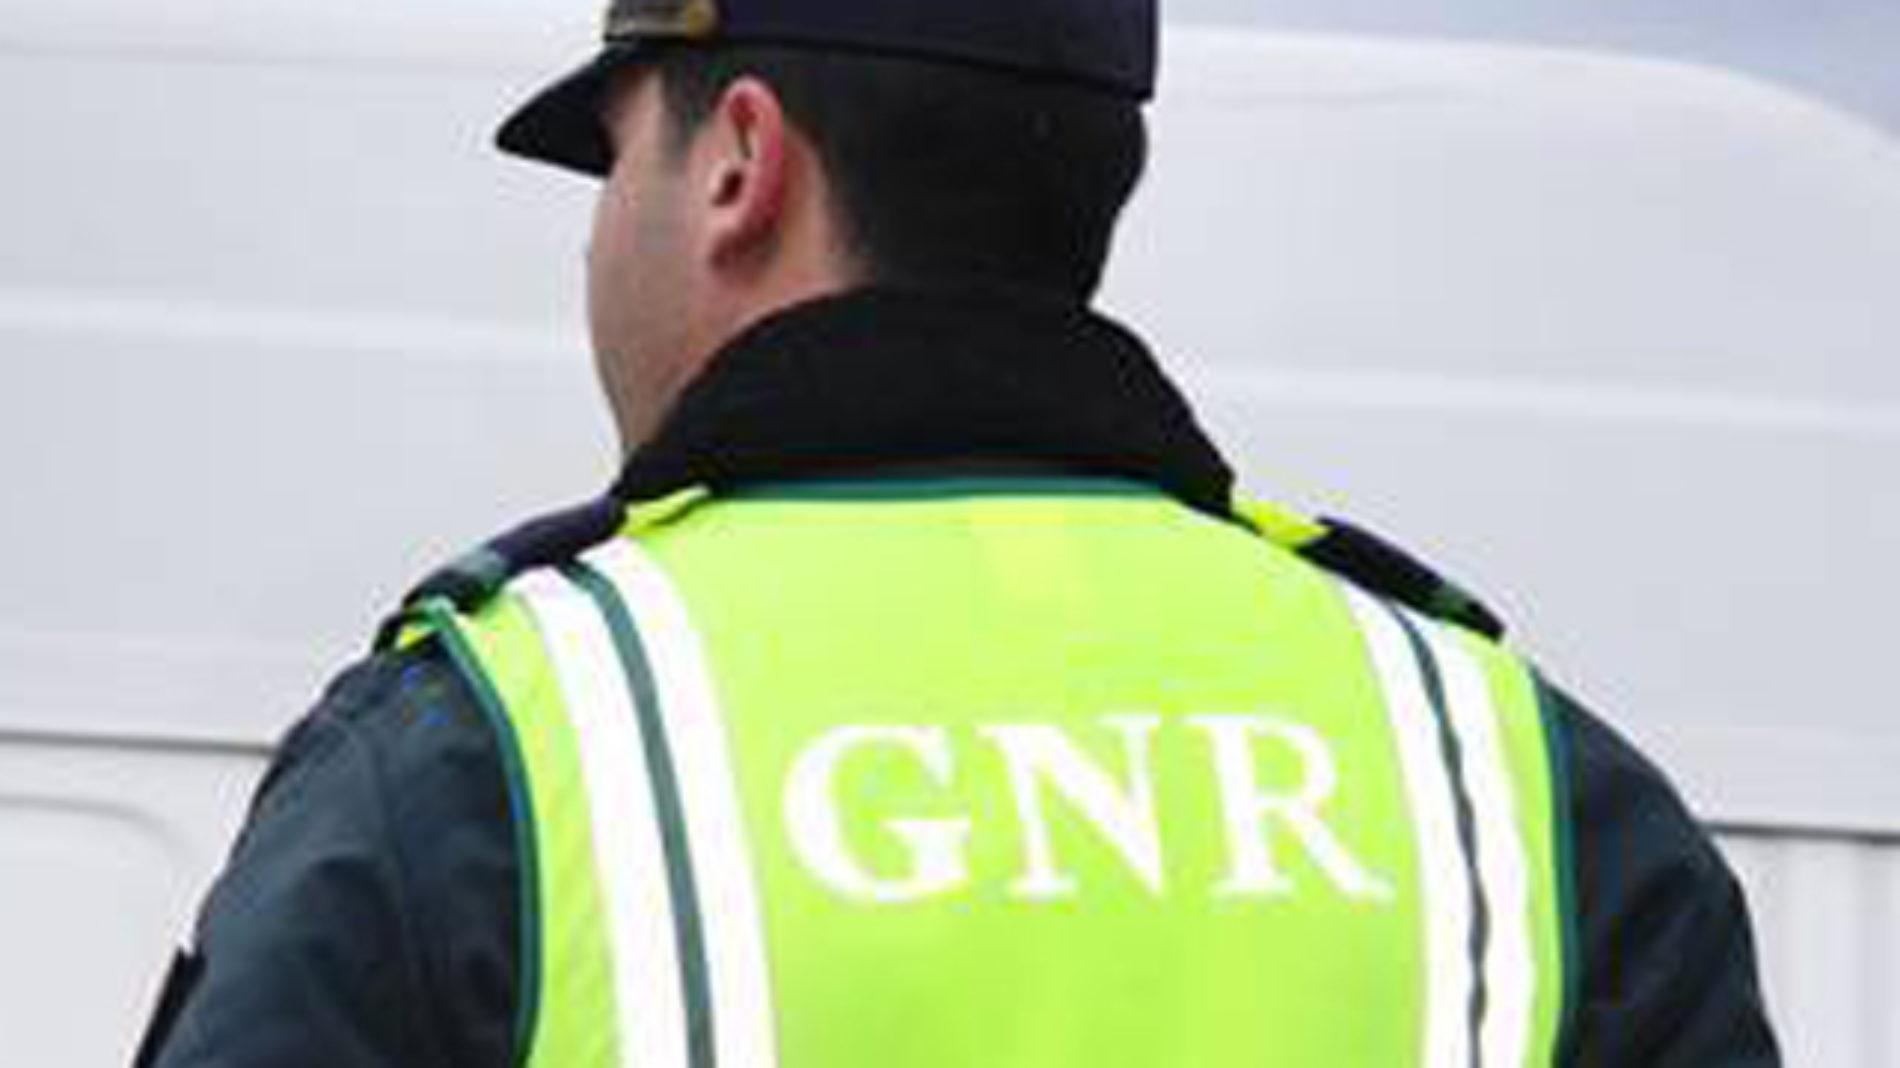 Operação Campo Seguro: GNR intensifica patrulhamento nas explorações agrícolas